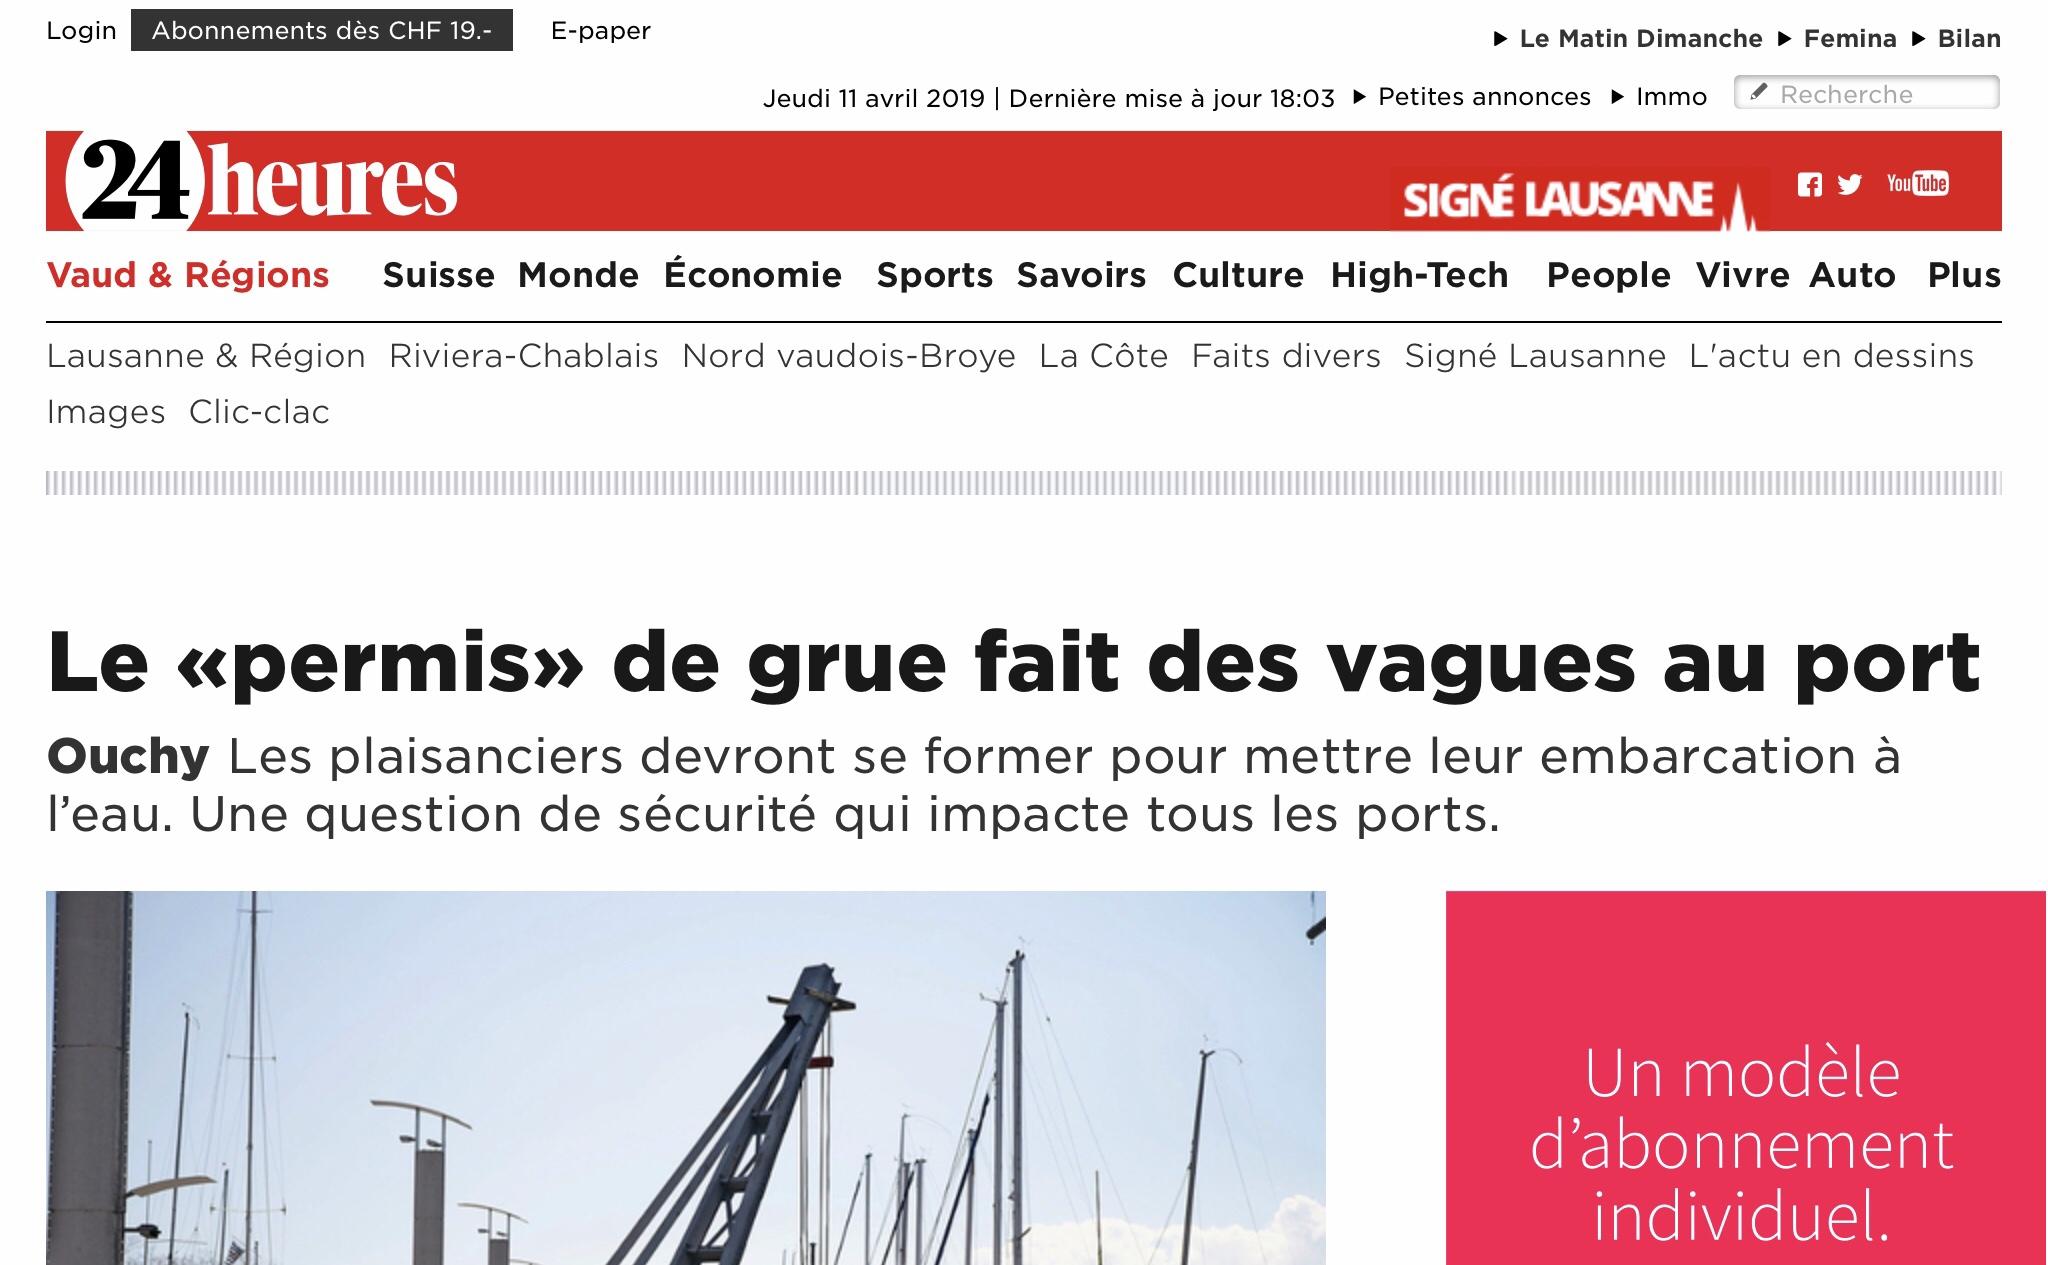 24heures: article sur la modification de réglementation des normes de grutage sur le port d'Ouchy